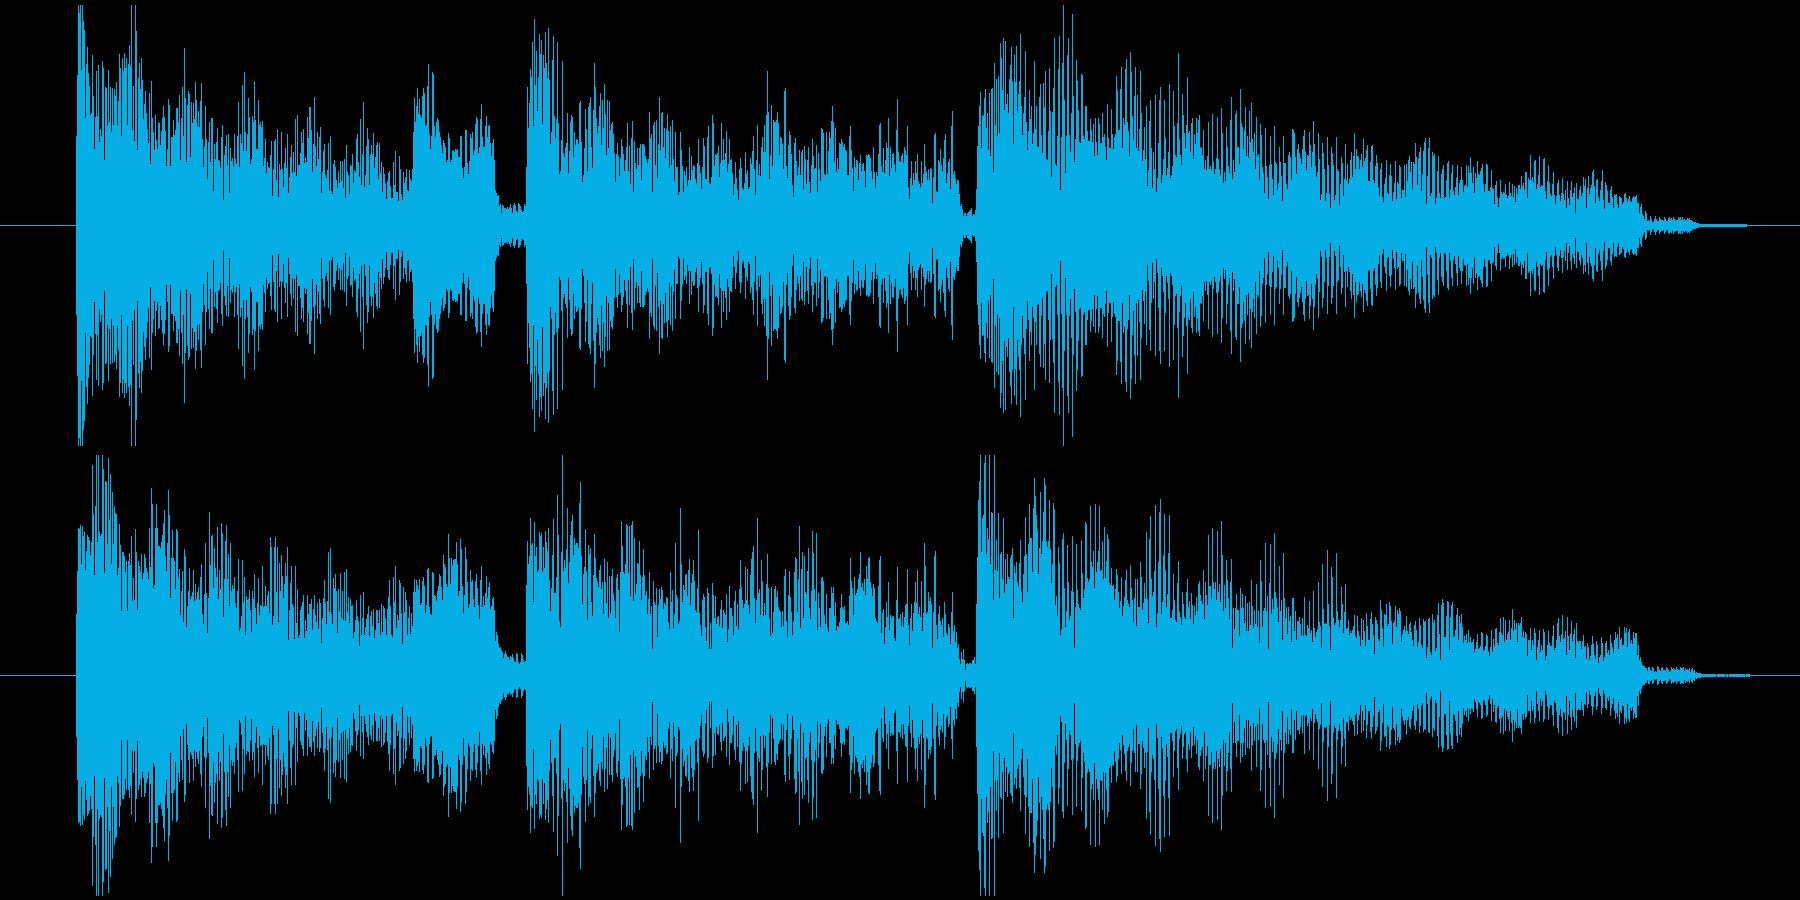 エレピ音源の再生済みの波形